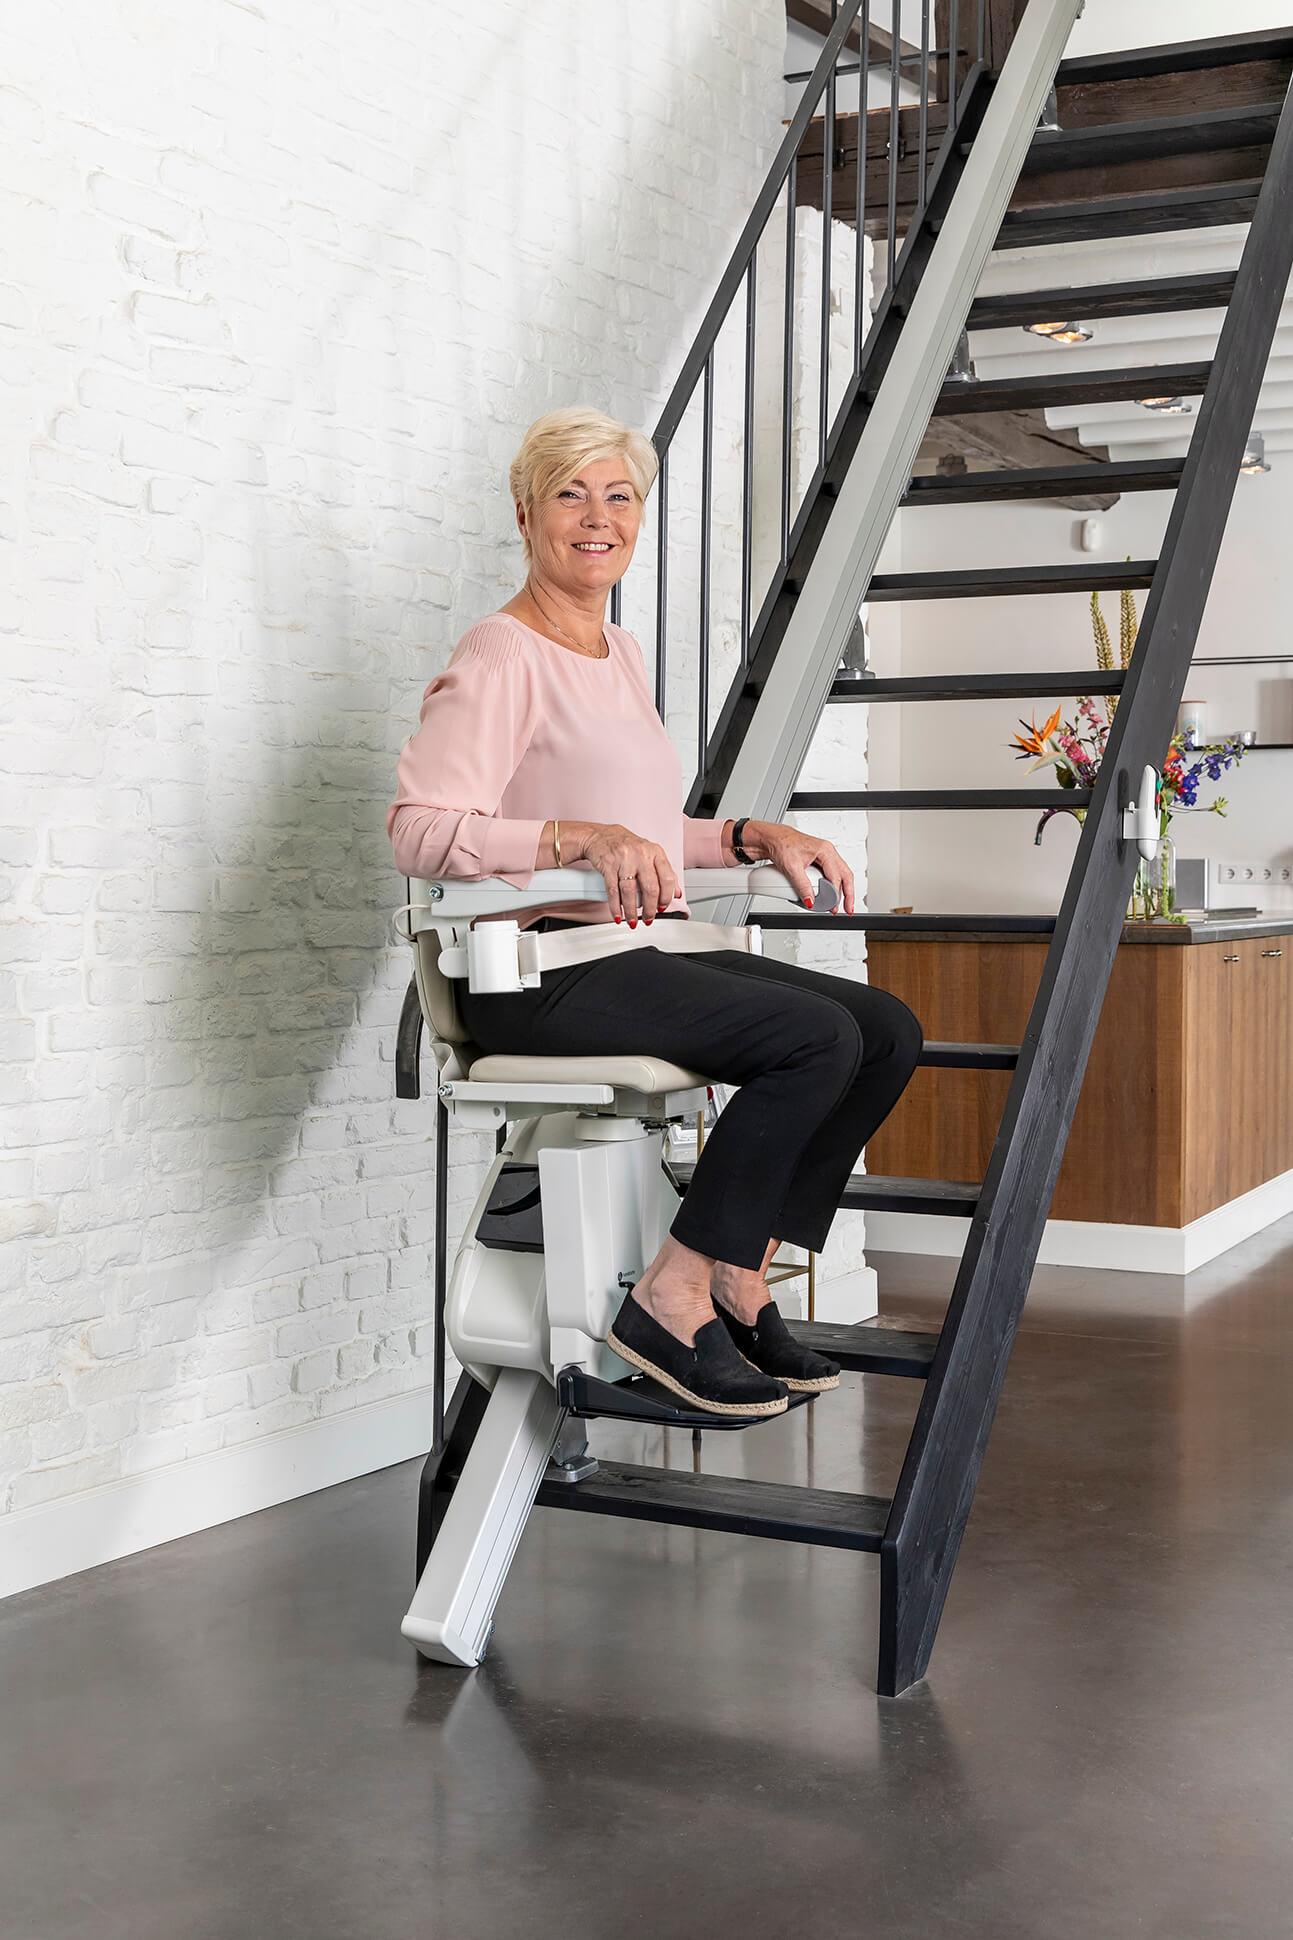 Femme utilisant un siège monte-escalier